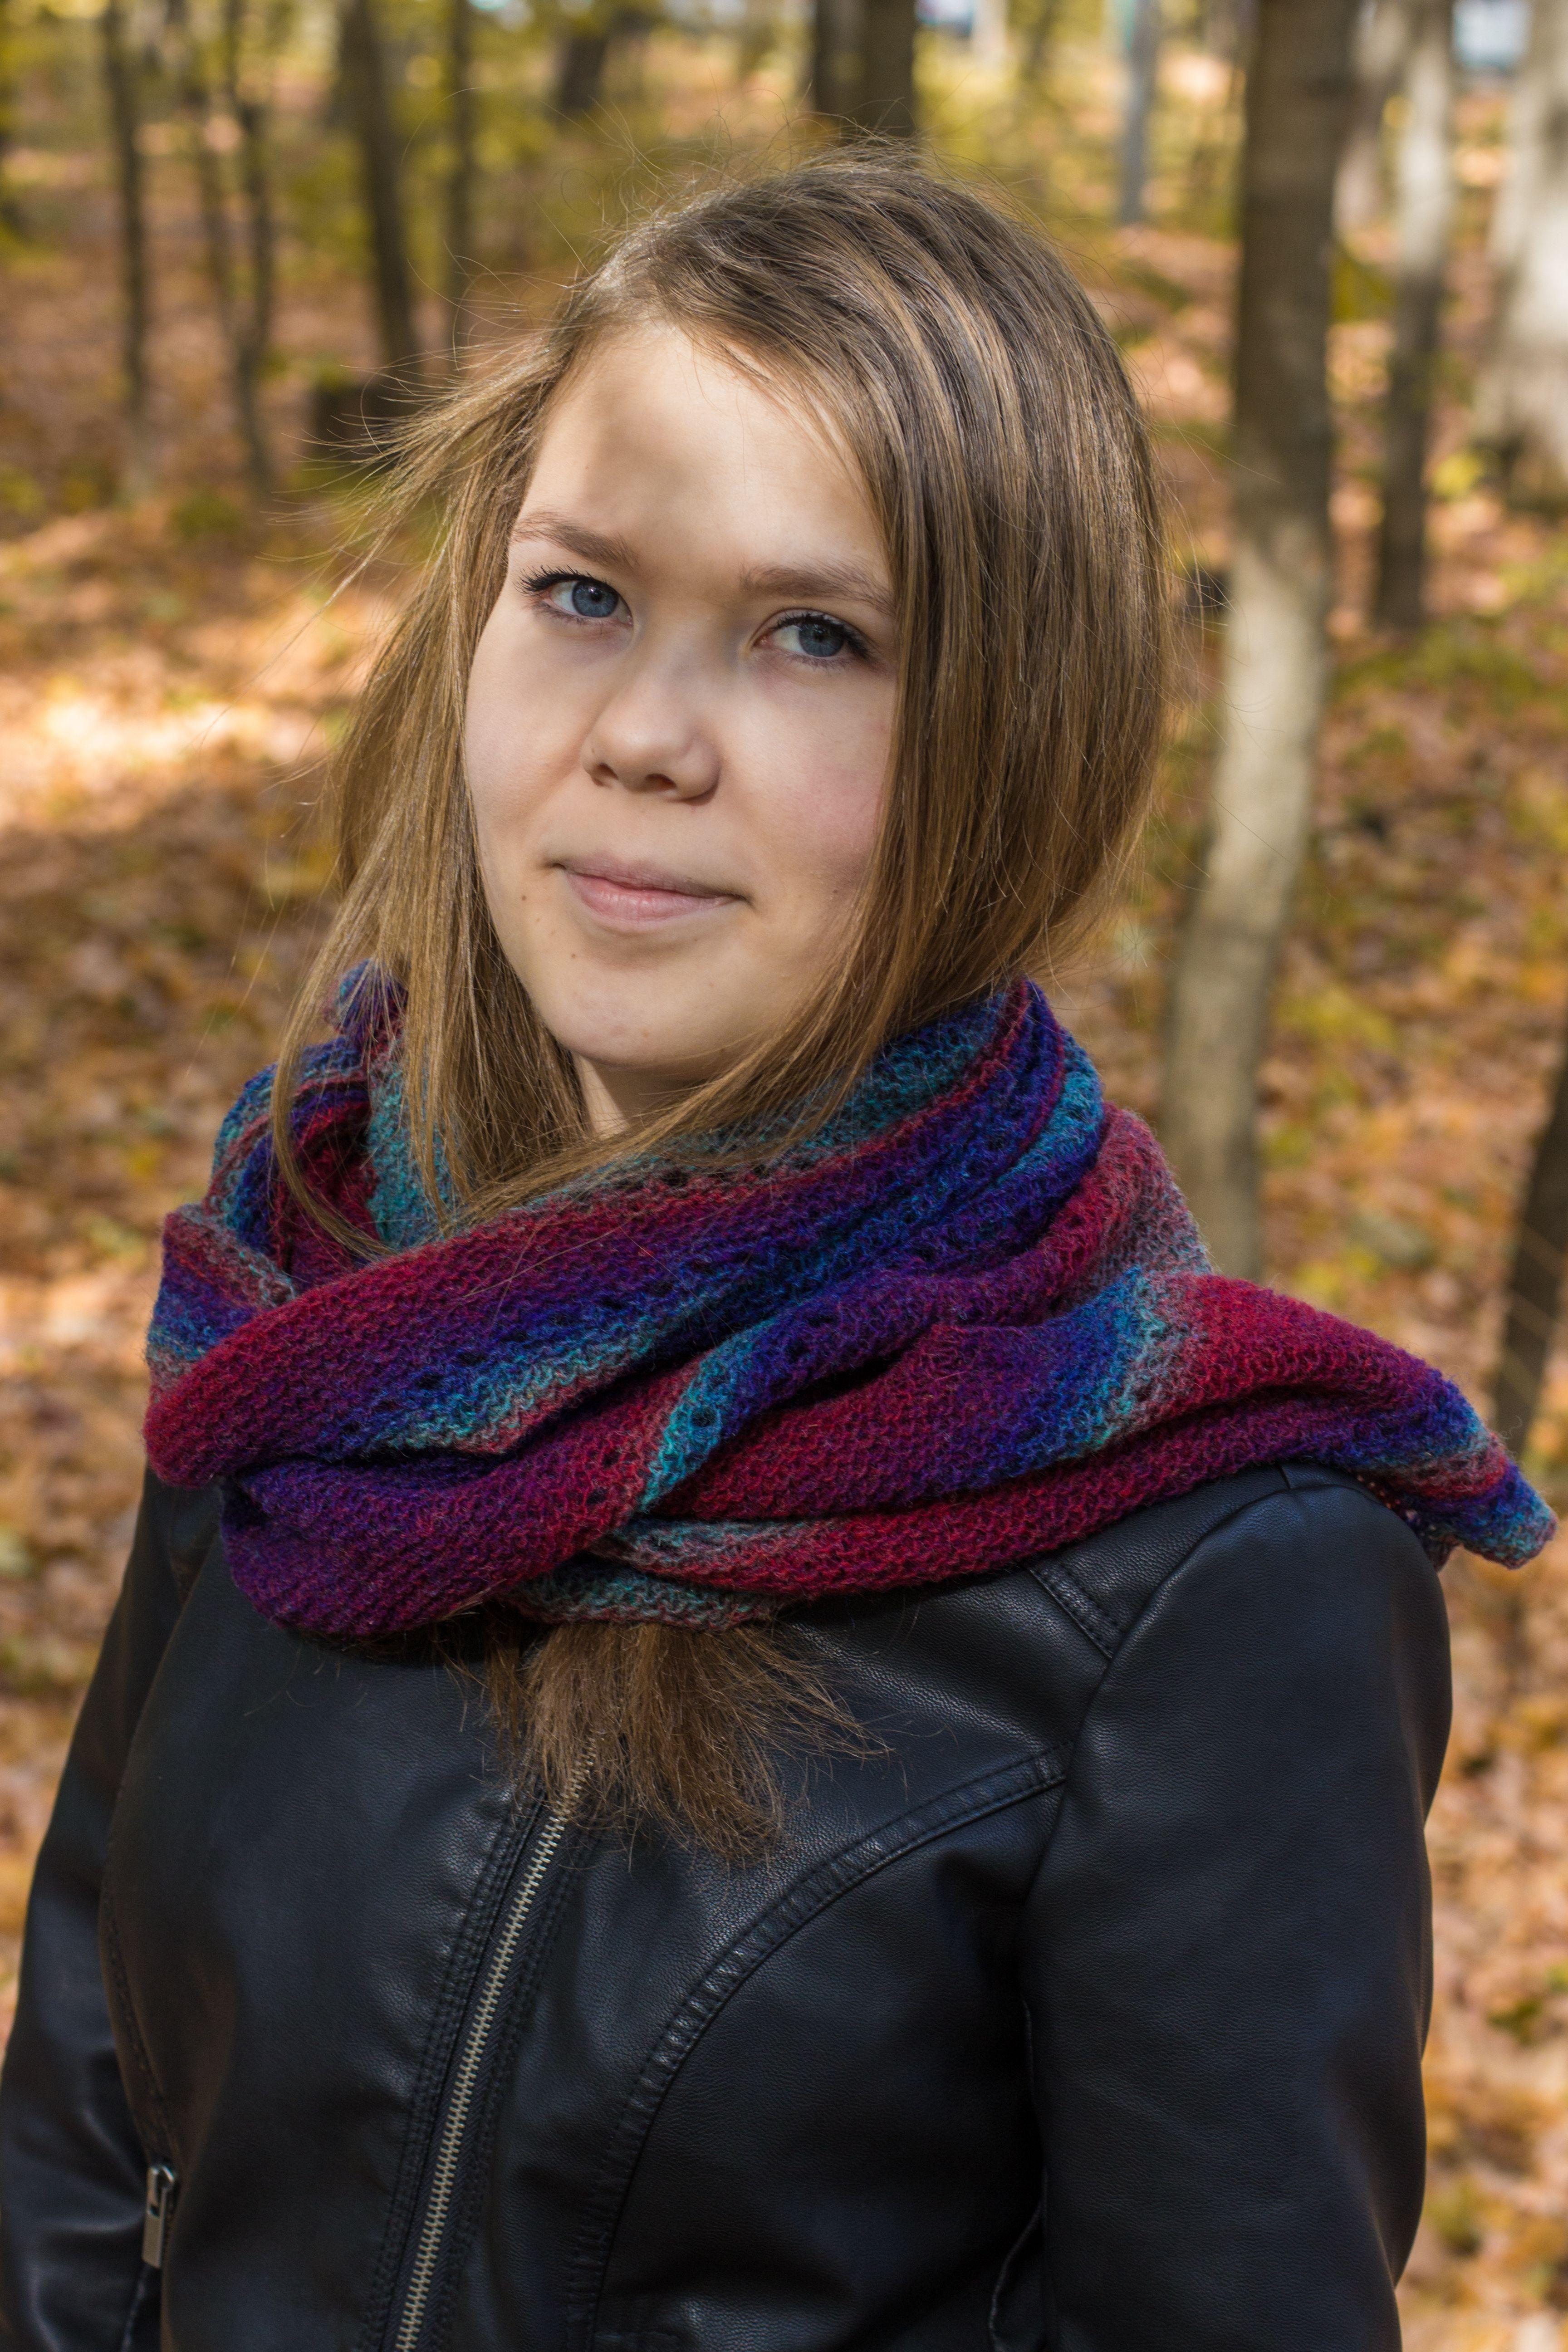 wool ecological dundaga latvia